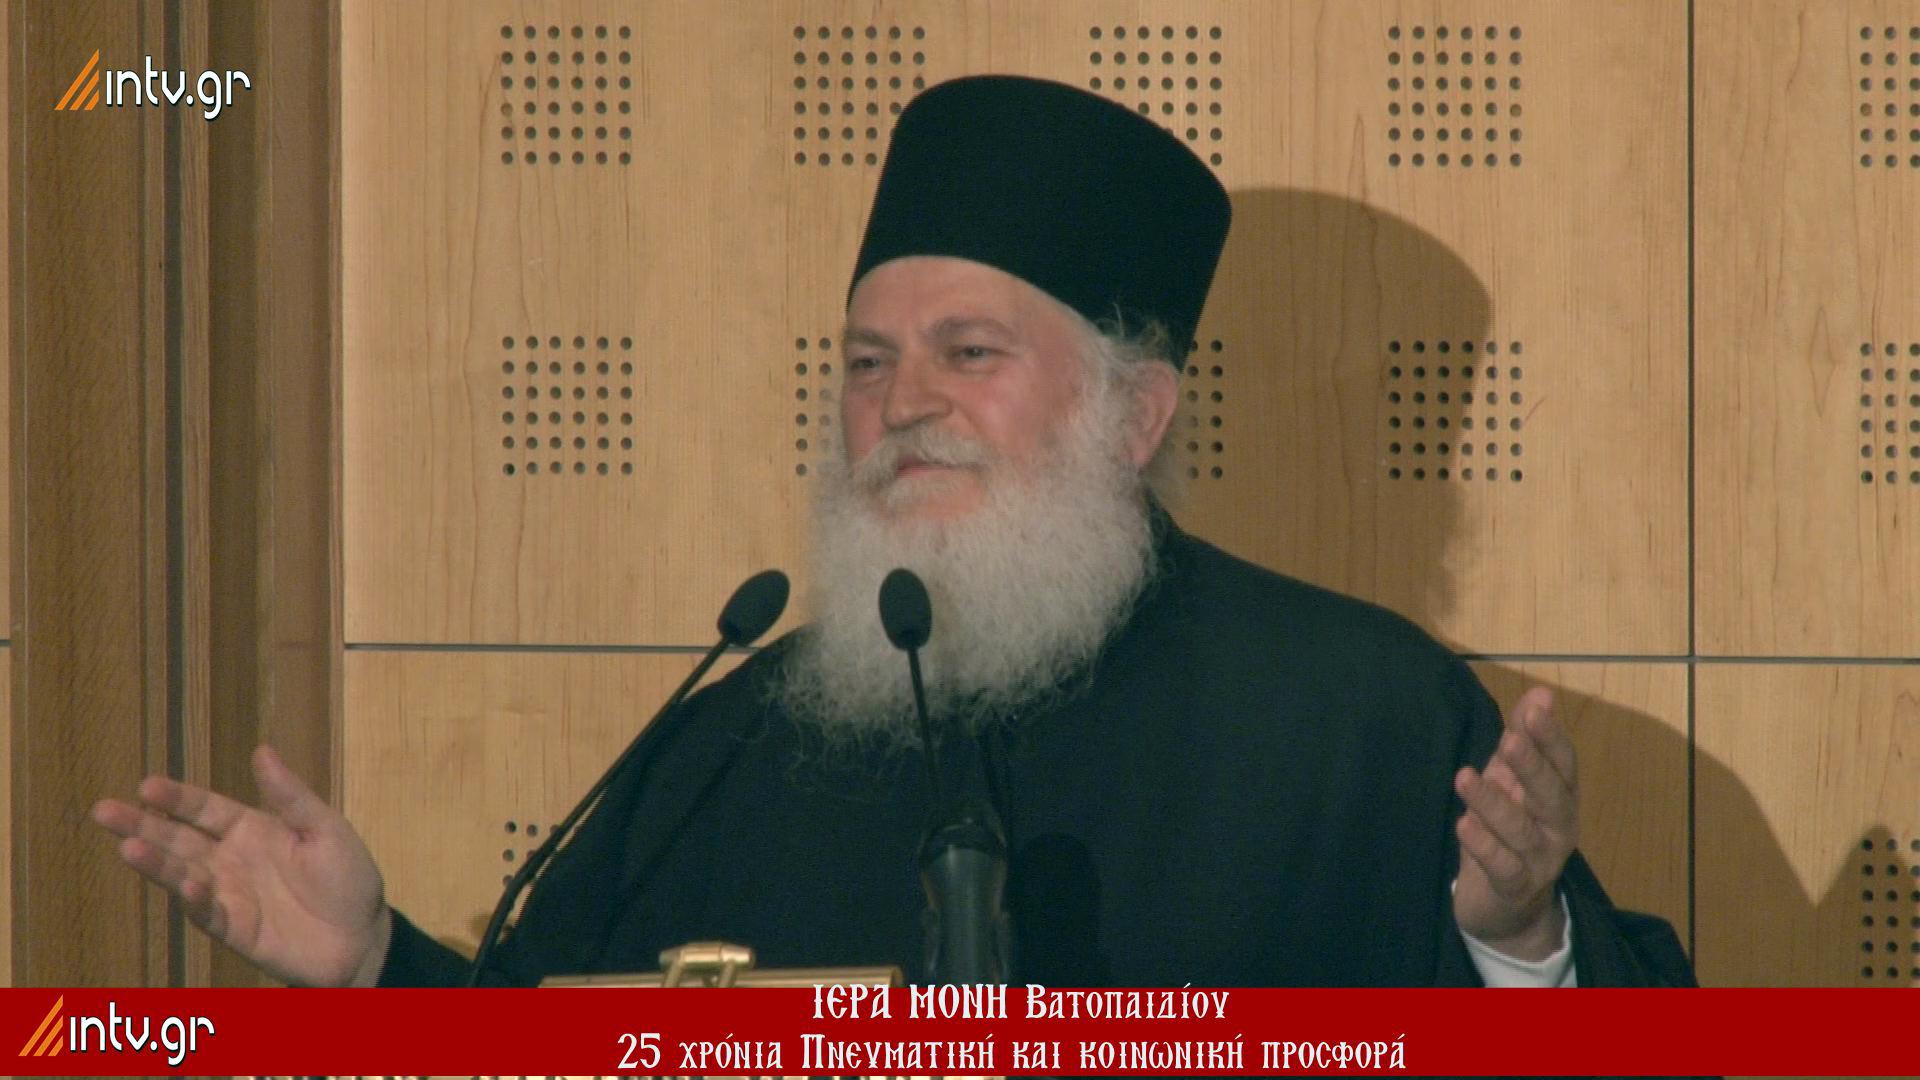 """""""25 χρόνια πνευματικού και κοινωνικού έργου της Ιεράς Μονής Βατοπαιδίου"""""""